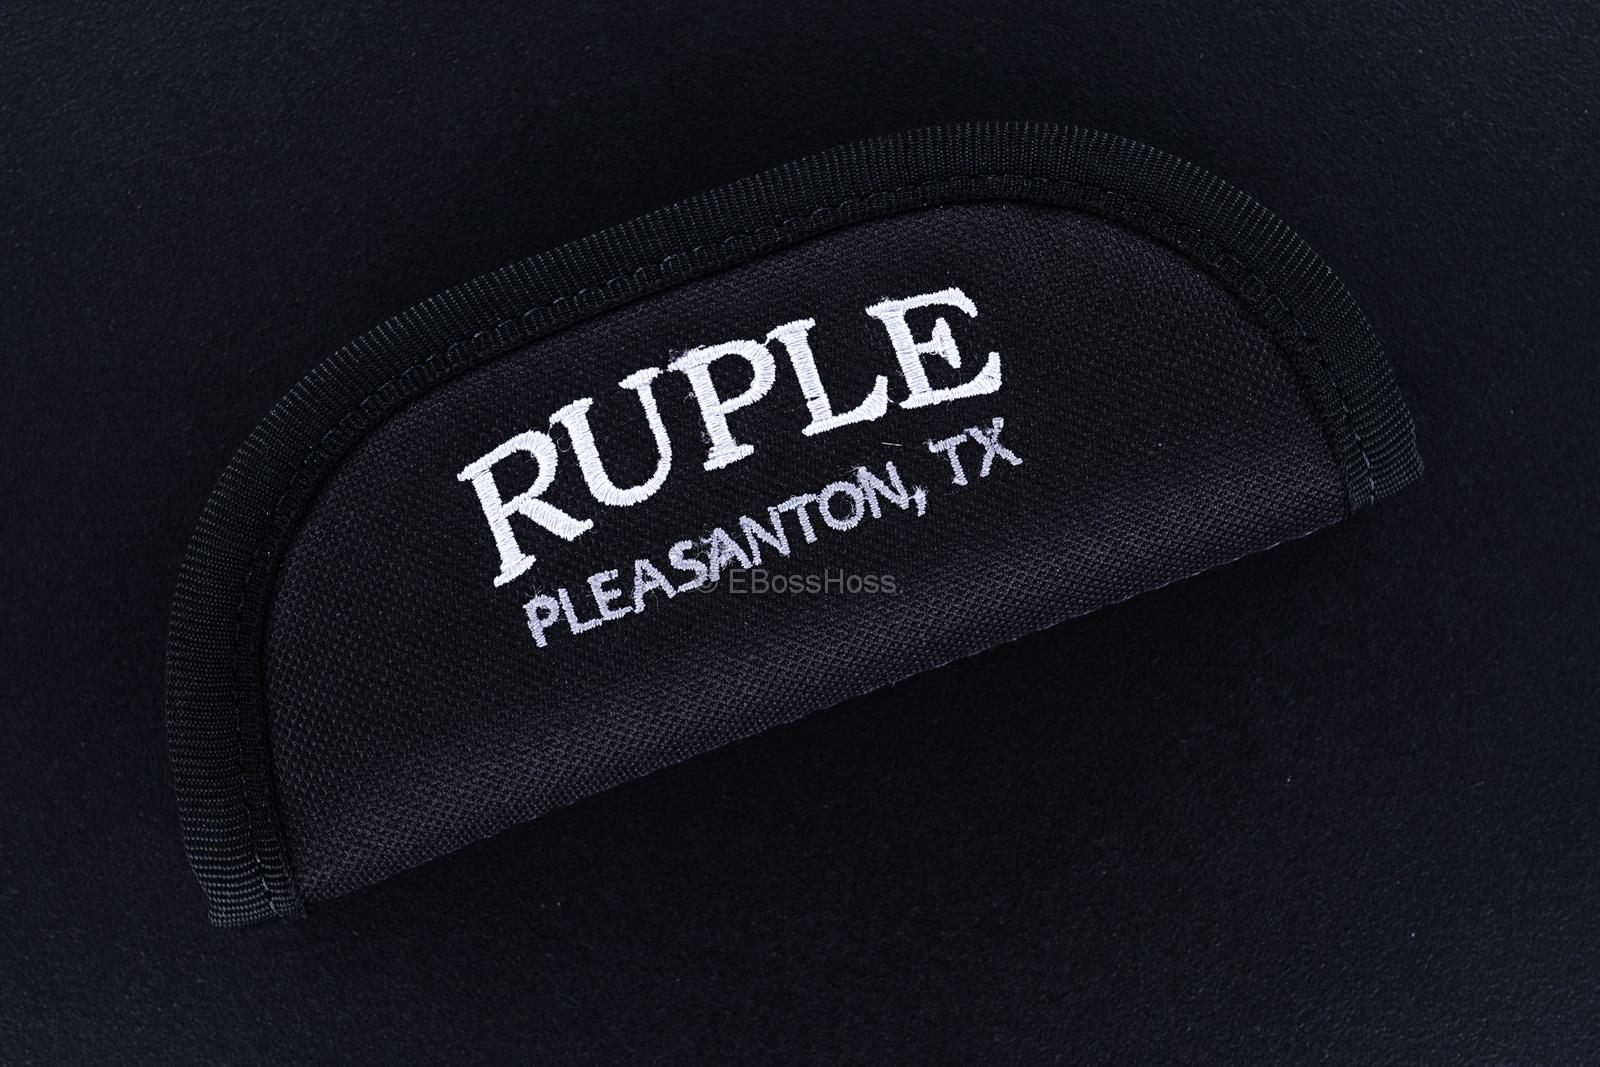 Bill Ruple Custom 5-Blade Congress